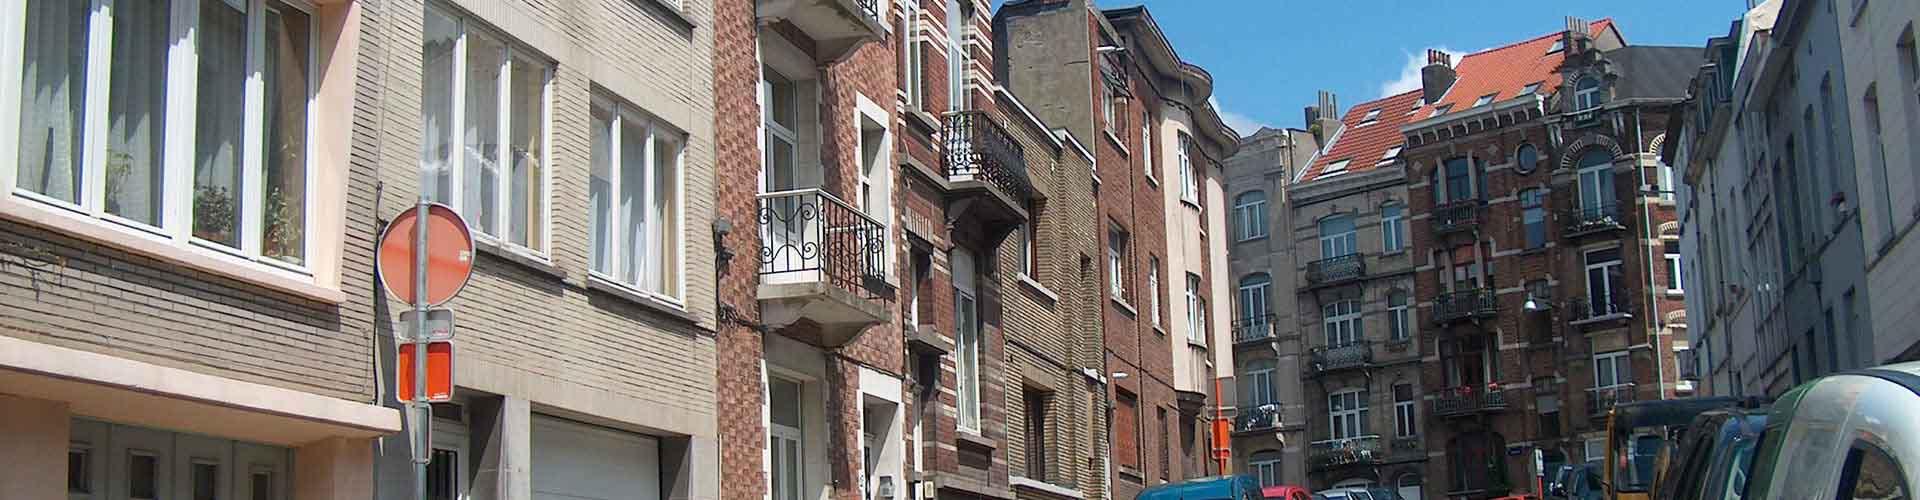 Bruxelas – Albergues no bairro de Saint-Josse-ten-Noode . Mapas para Bruxelas, Fotos e Avaliações para cada Albergue em Bruxelas.